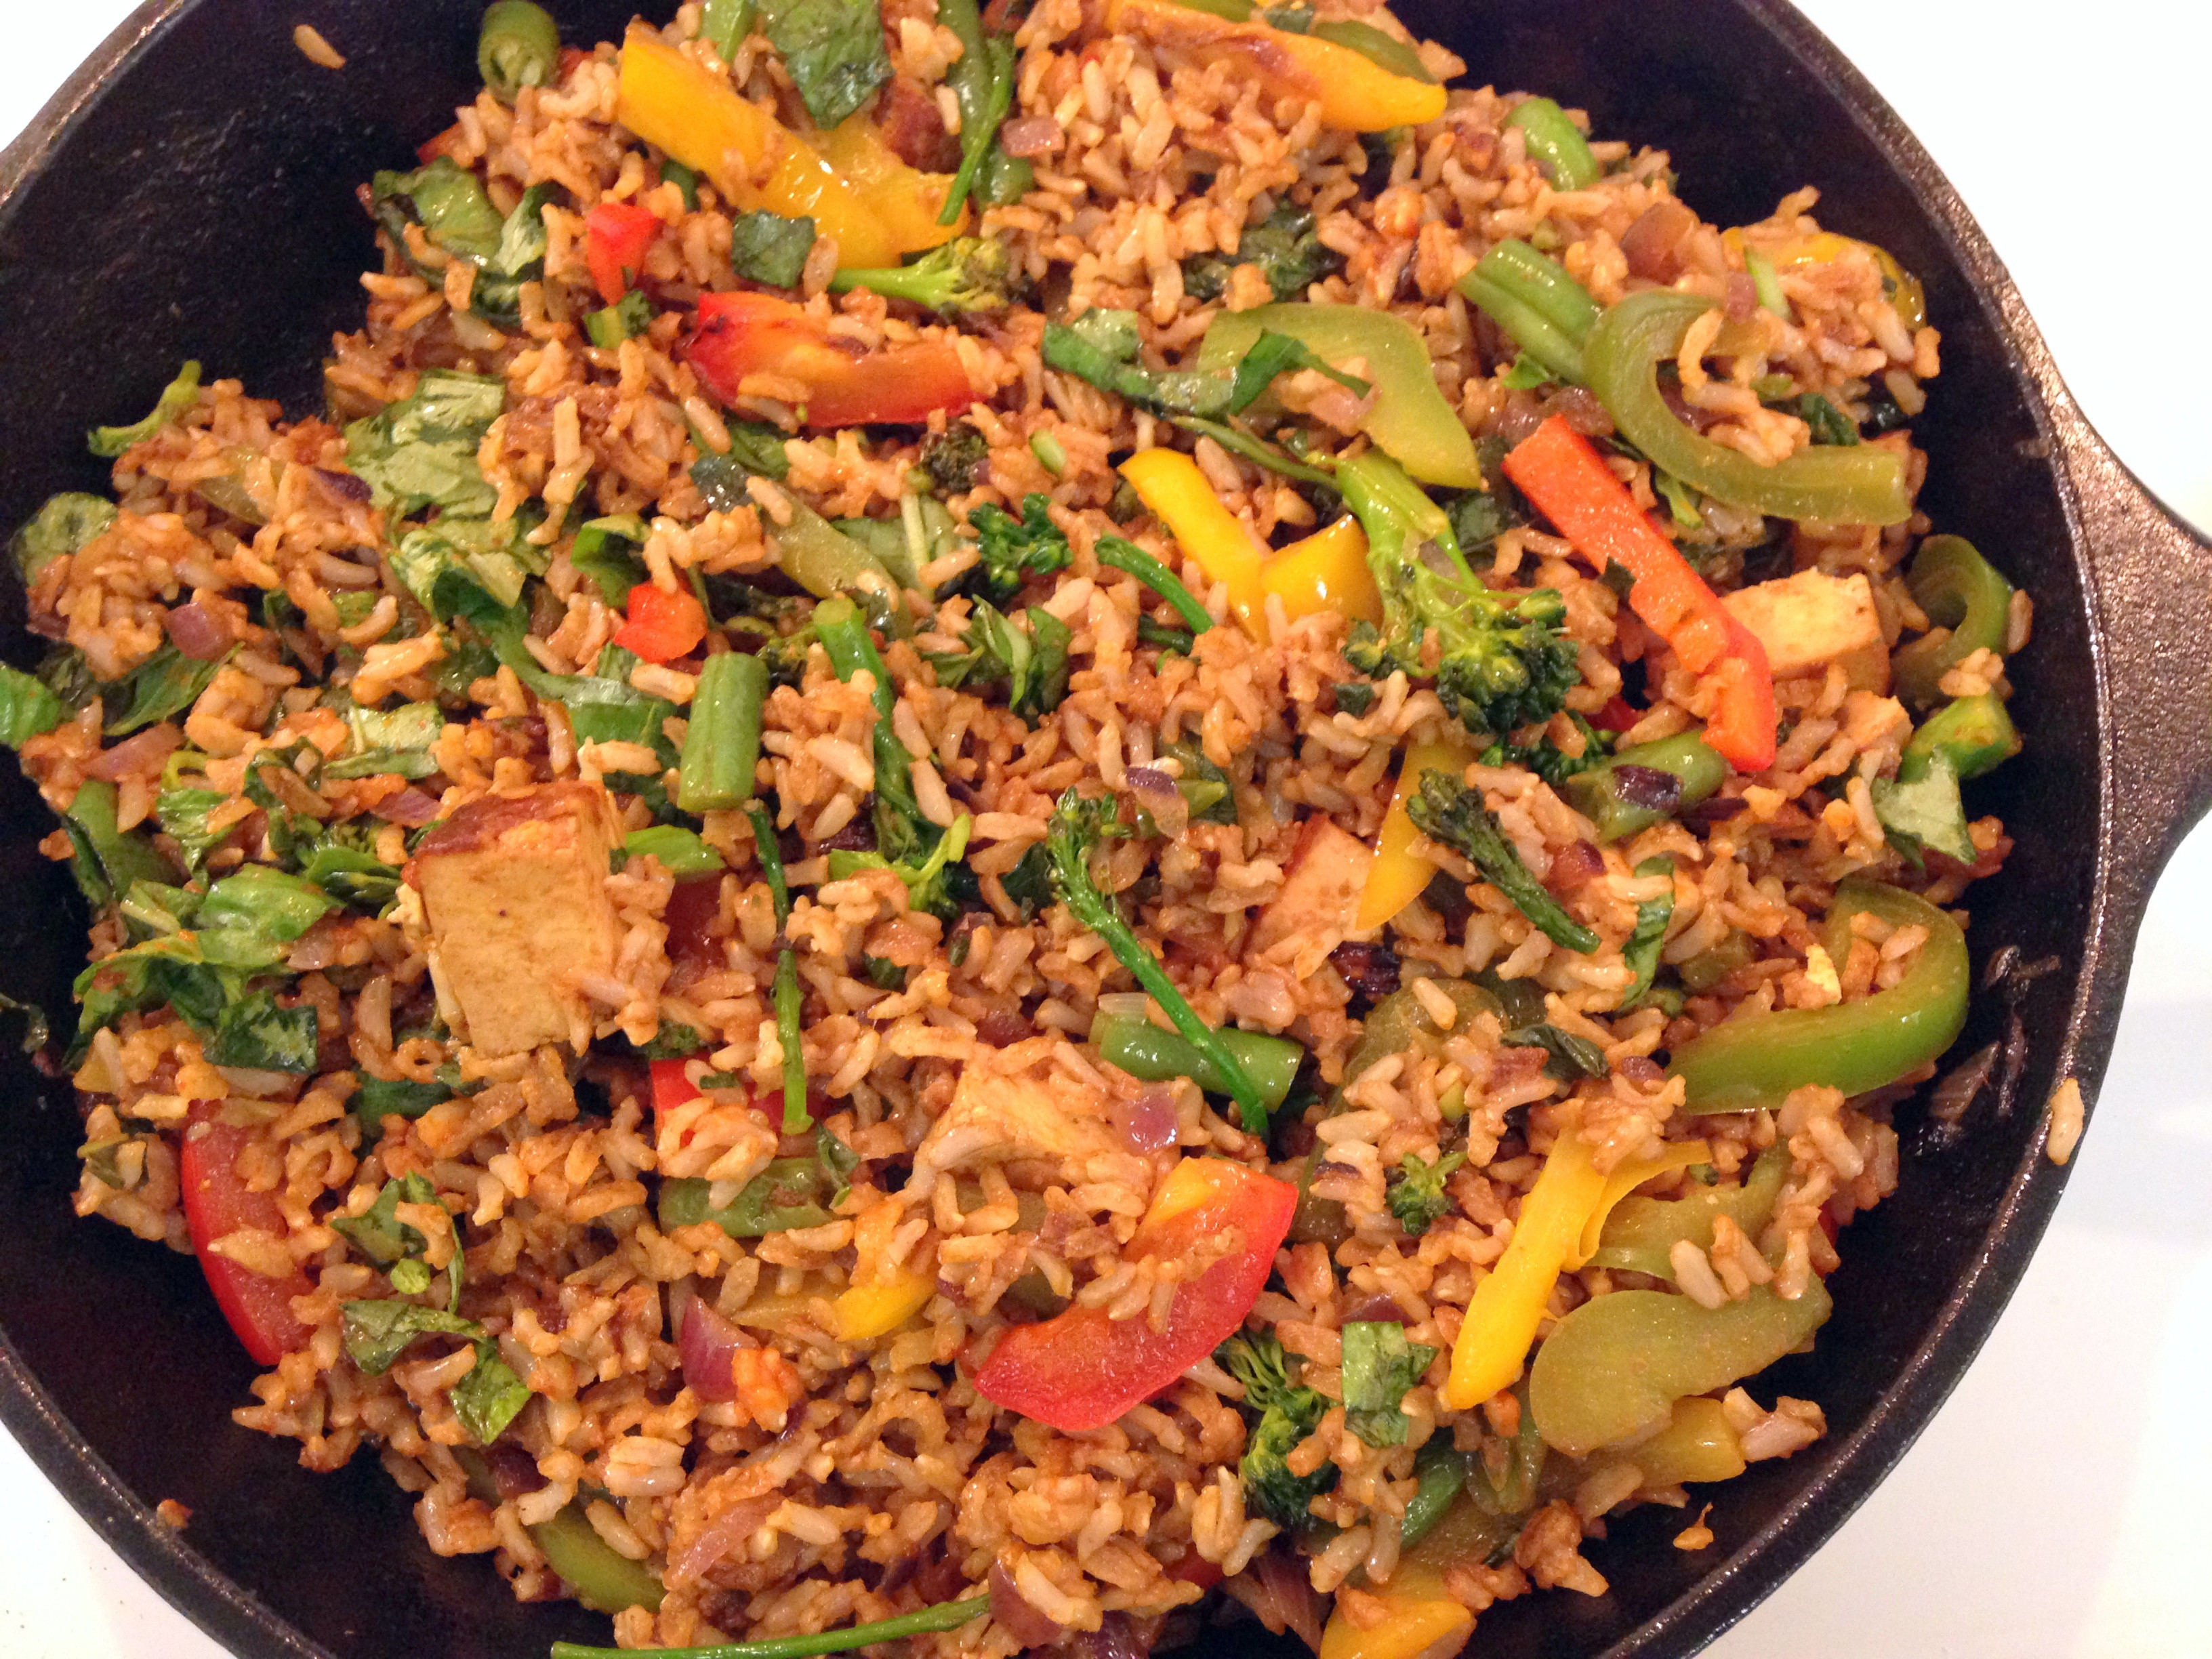 Thai Fried Rice Recipe  thai rice recipe ve arian